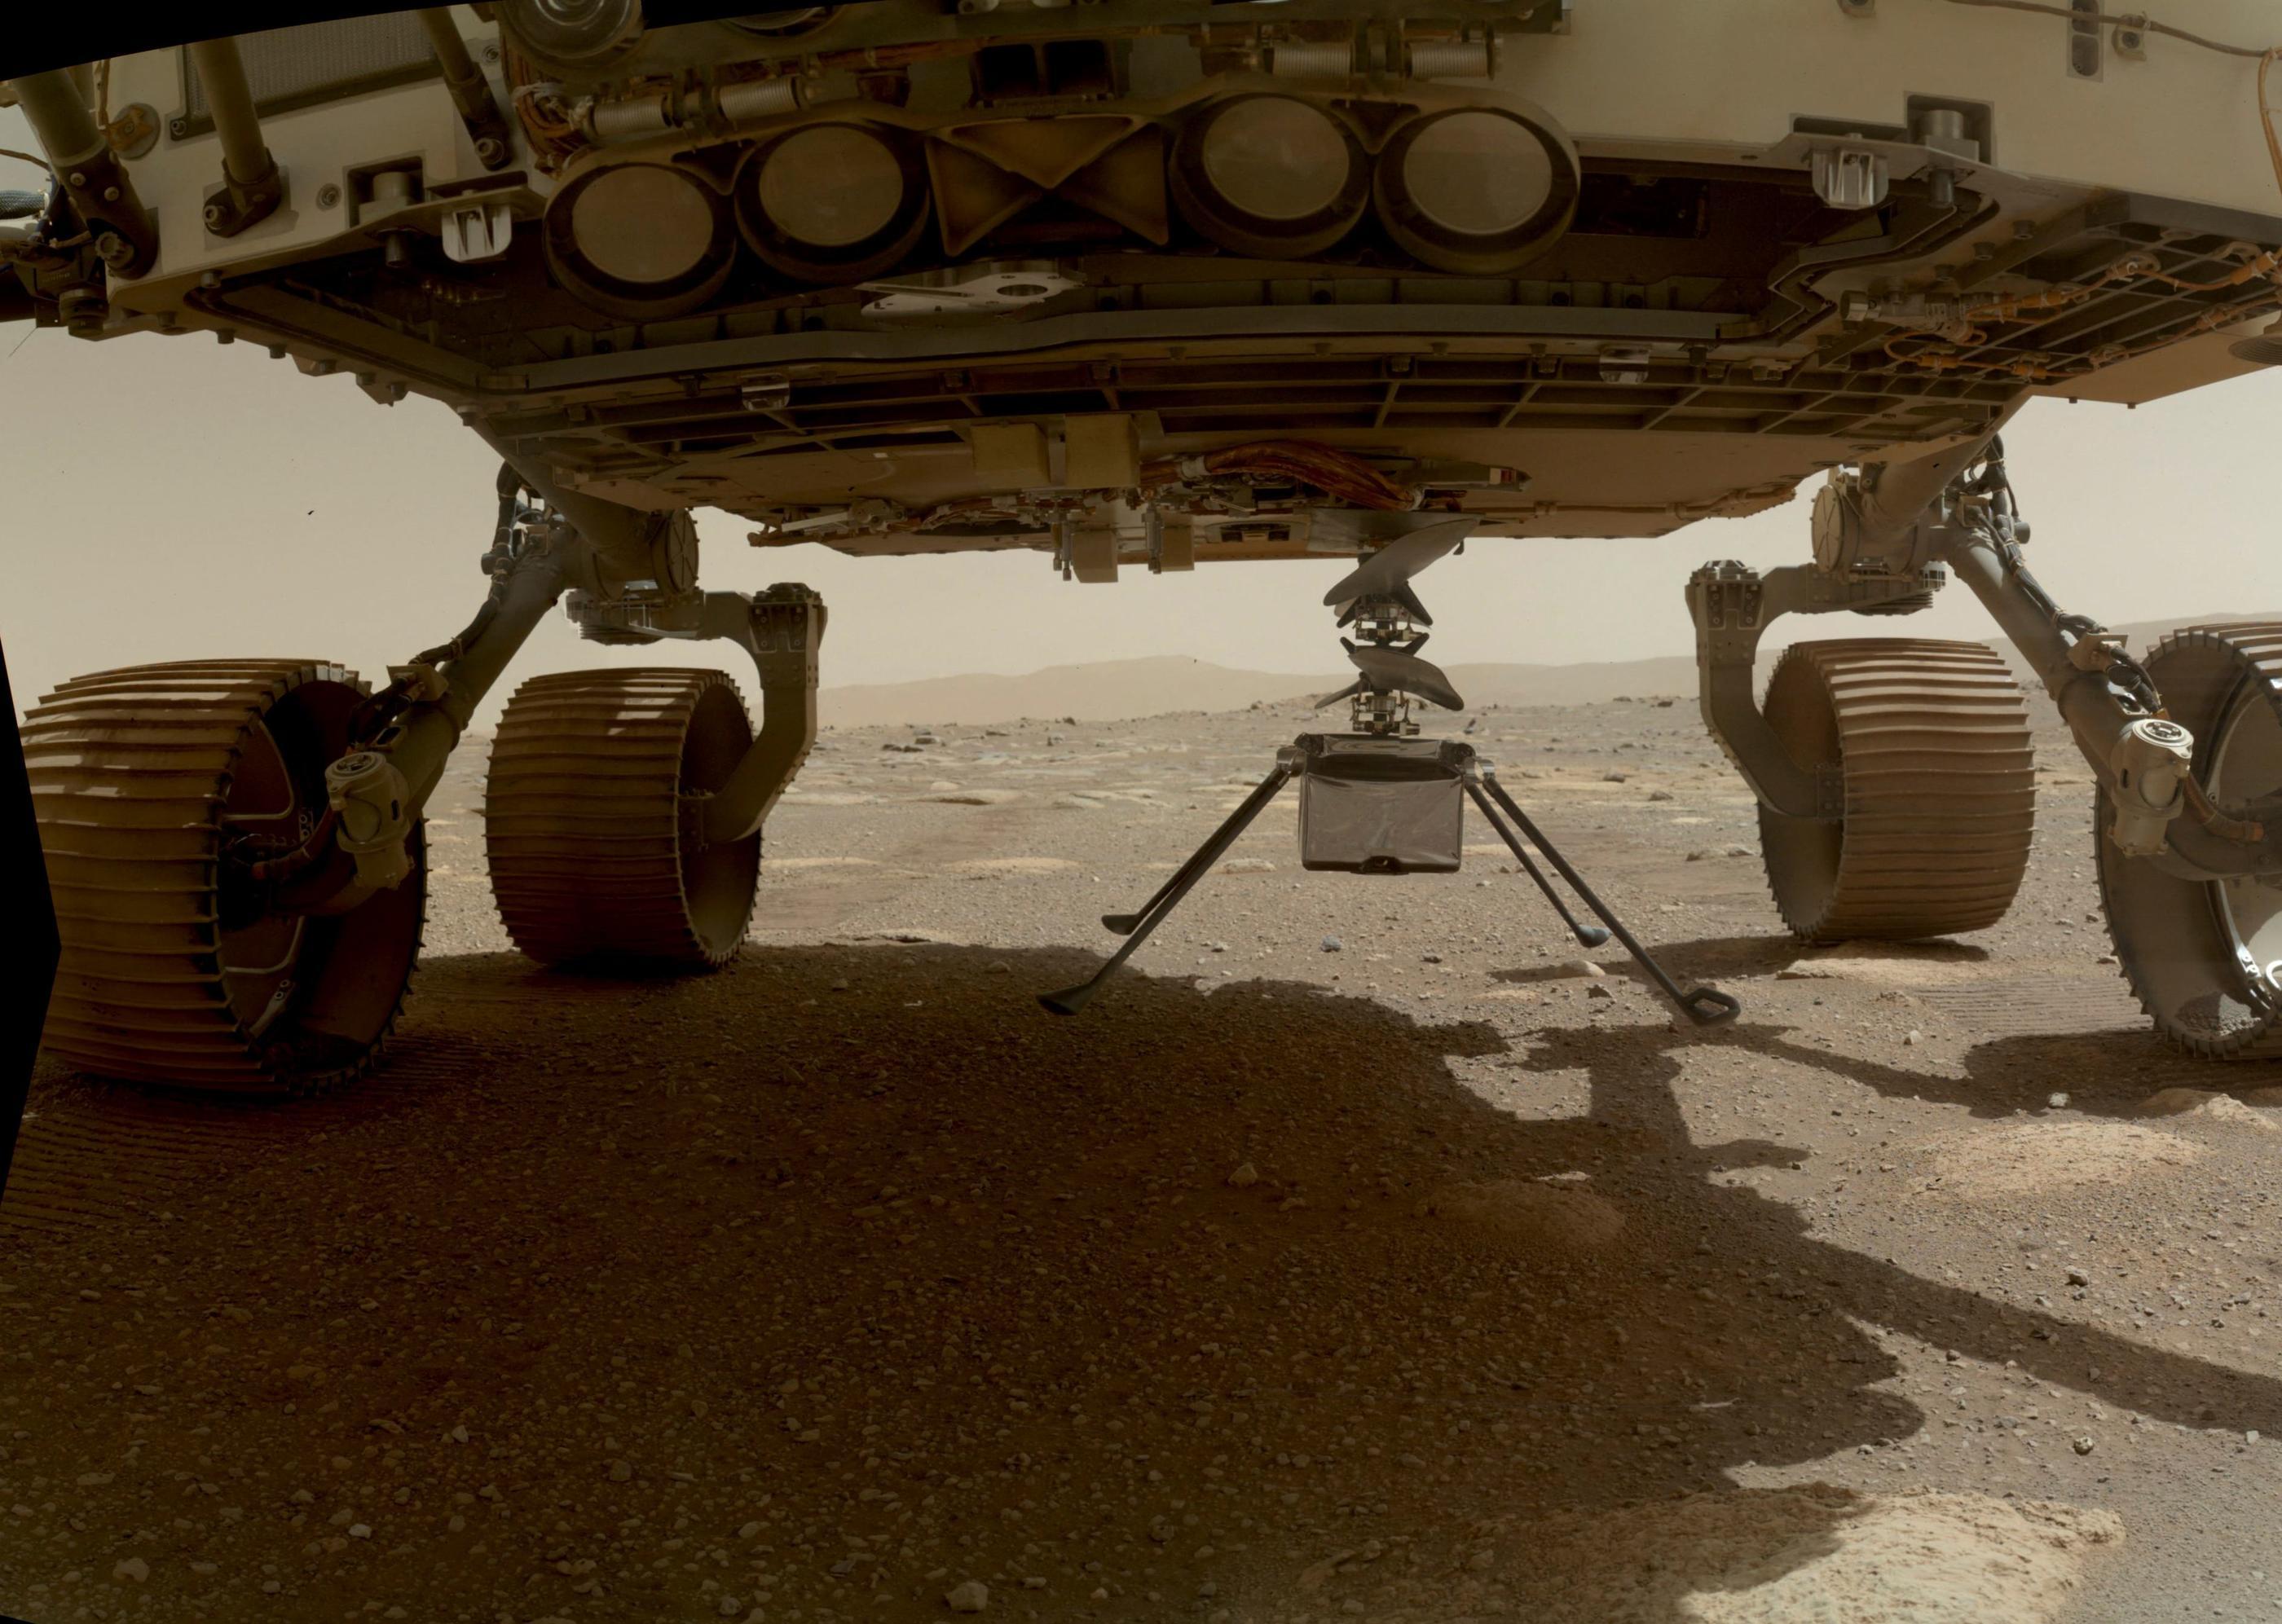 Mission Perseverance : l'hélicoptère Ingenuity a bien réussi son premier vol sur Mars, annonce la Nasa